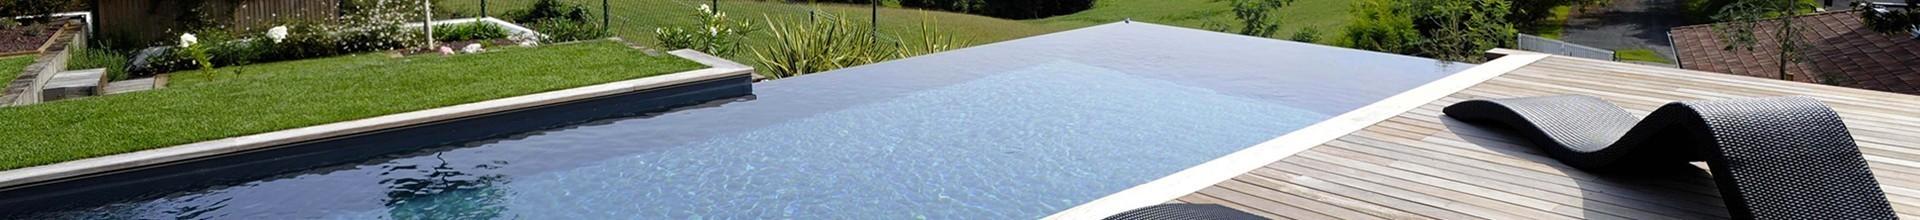 Direct usine, piscine coque prix Aude